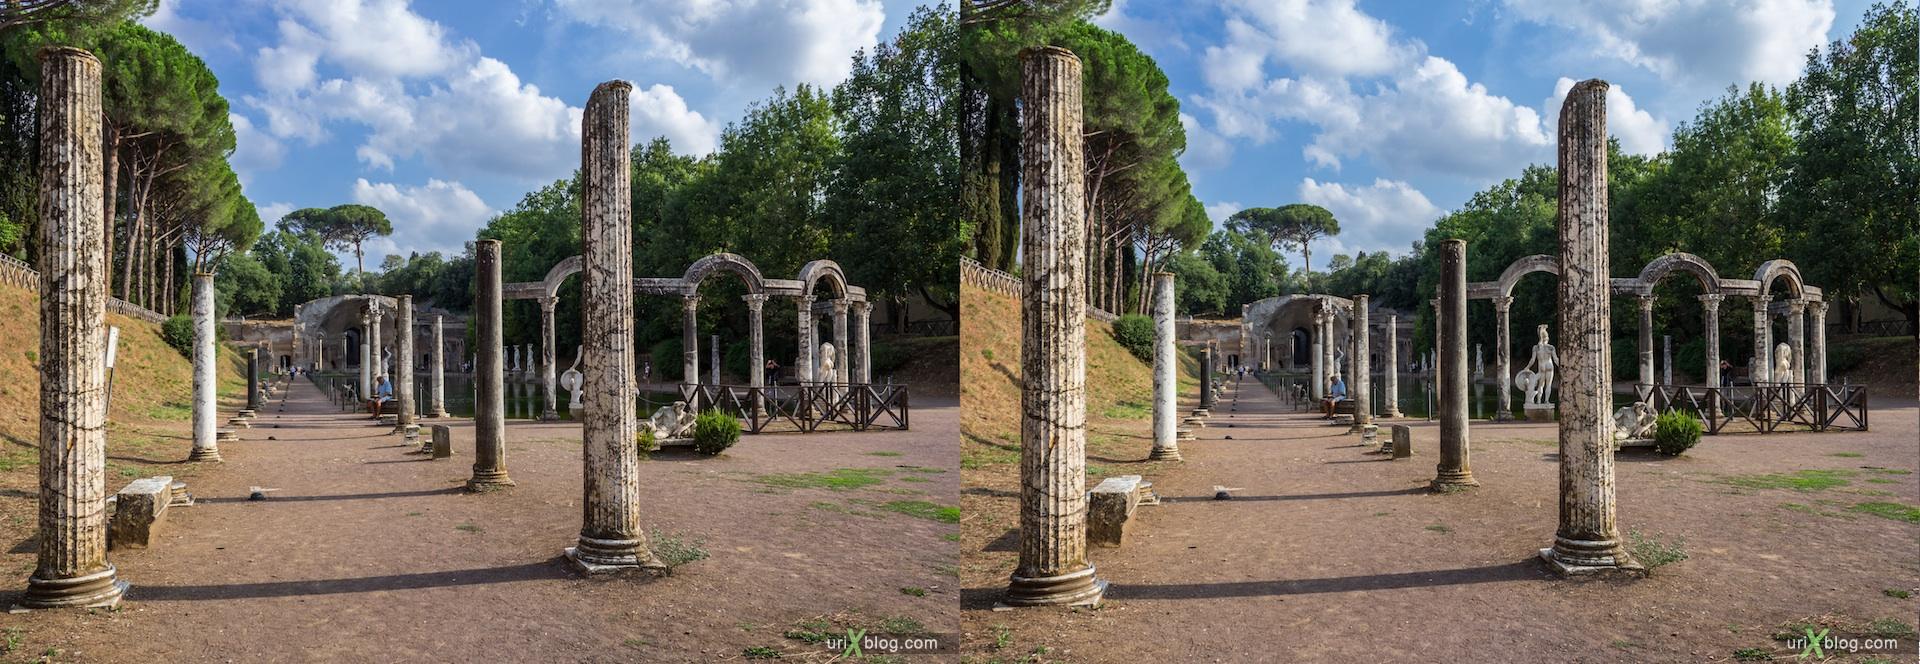 2012, Канопа, Вилла Адриана, Тиволи, древний Рим, Италия, 3D, перекрёстные стереопары, стерео, стереопара, стереопары